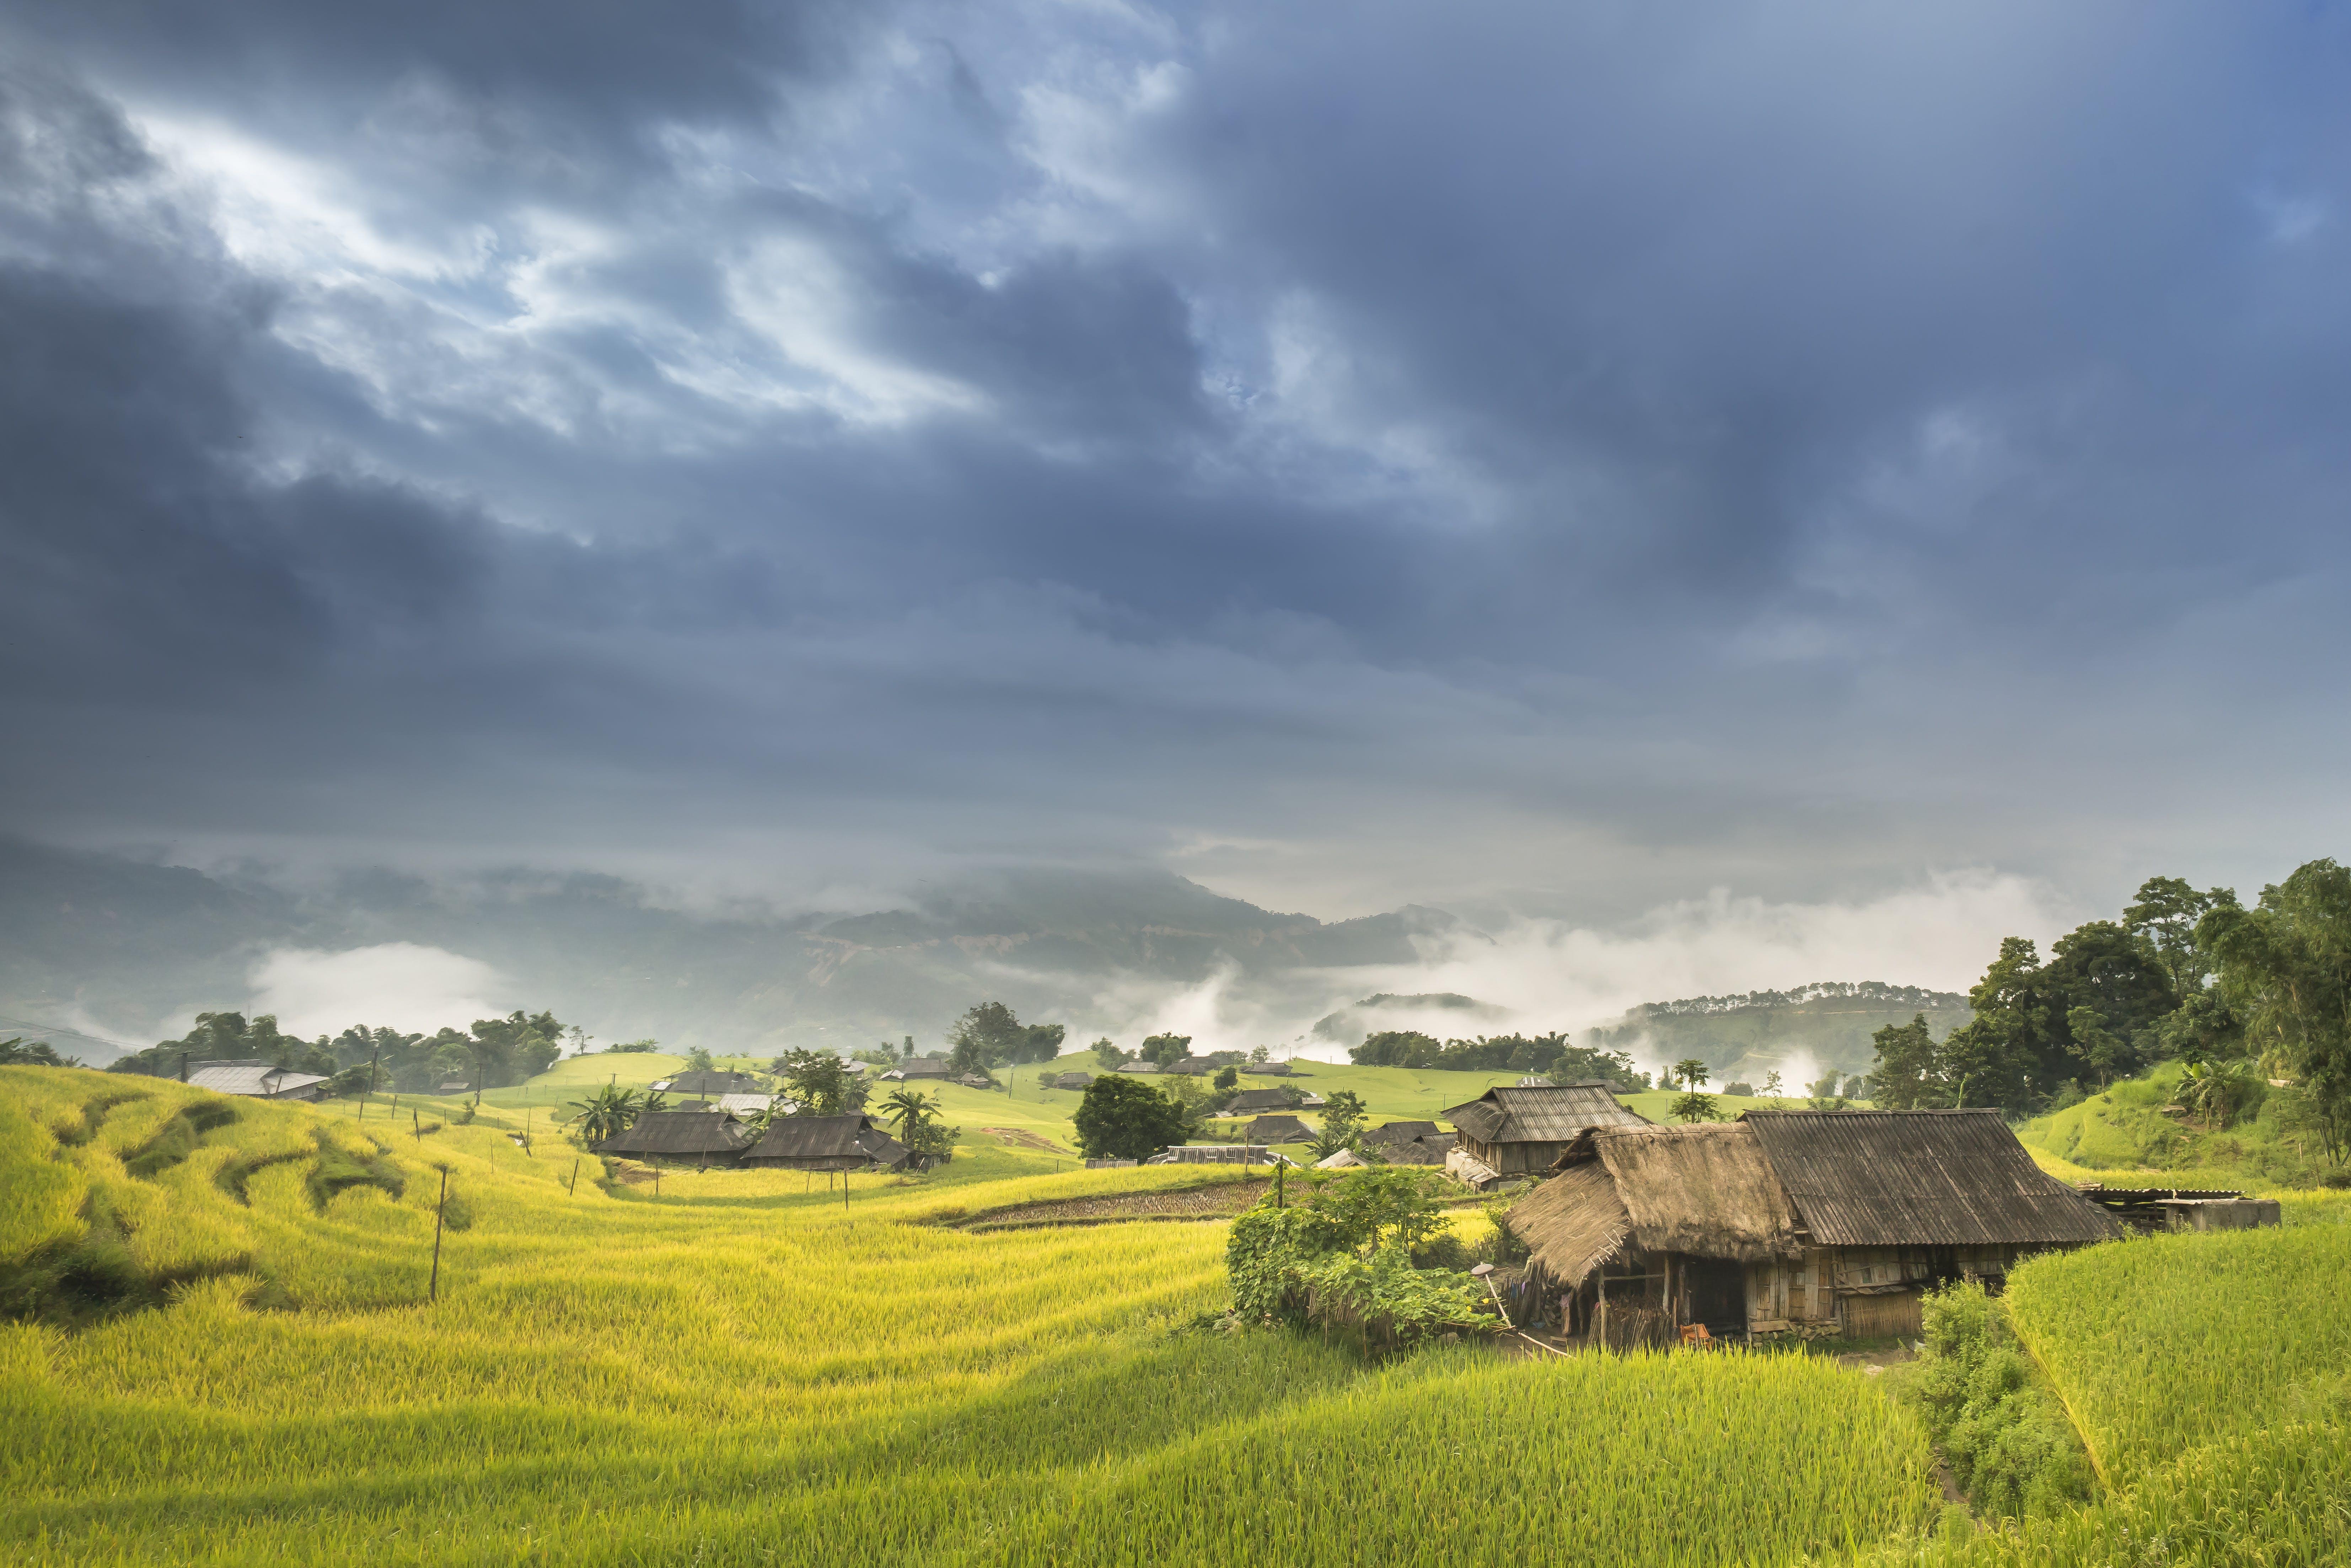 Δωρεάν στοκ φωτογραφιών με αγρόκτημα, αγροτικός, ανάπτυξη, γεωργία